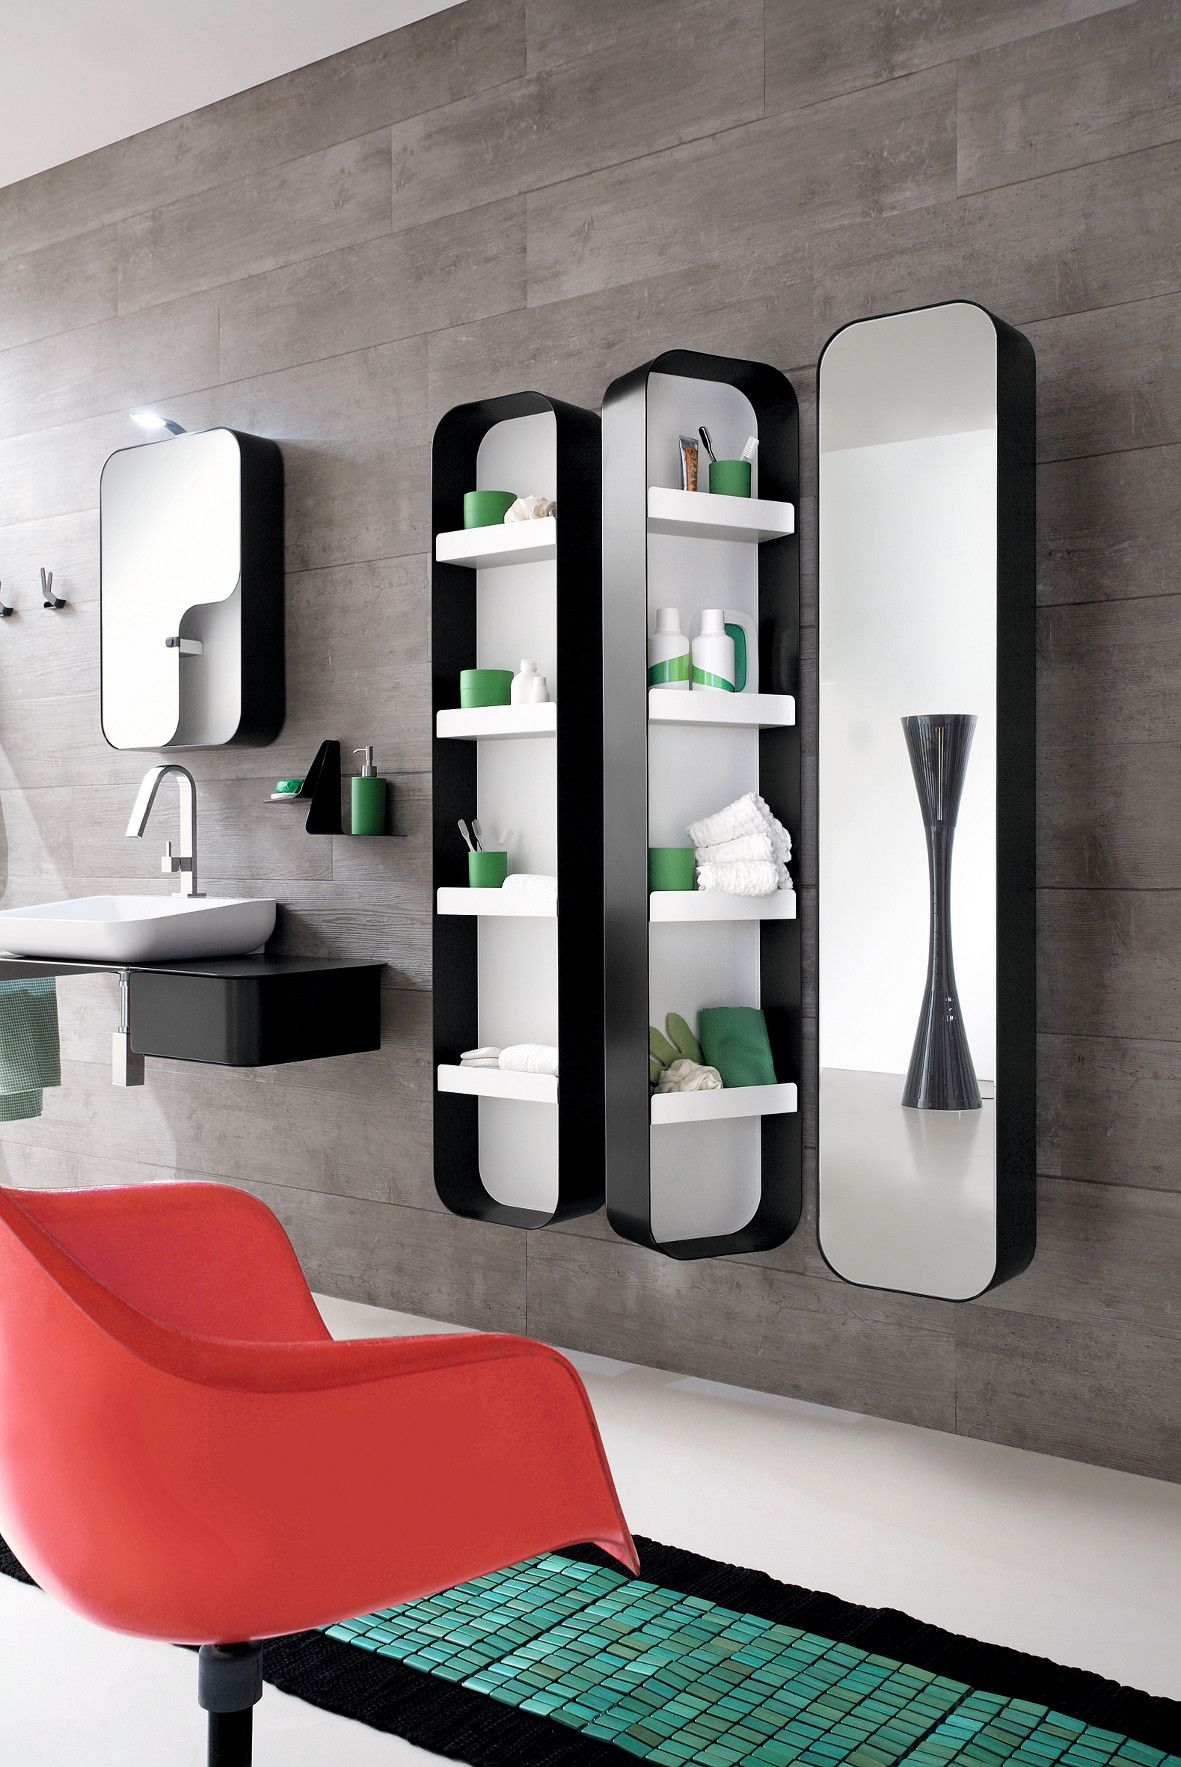 Tall Storage Bathroom Cabinet With Mirror Tulip Bathroom Cabine Decoration De Salle De Bain Moderne Miroir Salle De Bain Salles De Bains Lumineuses